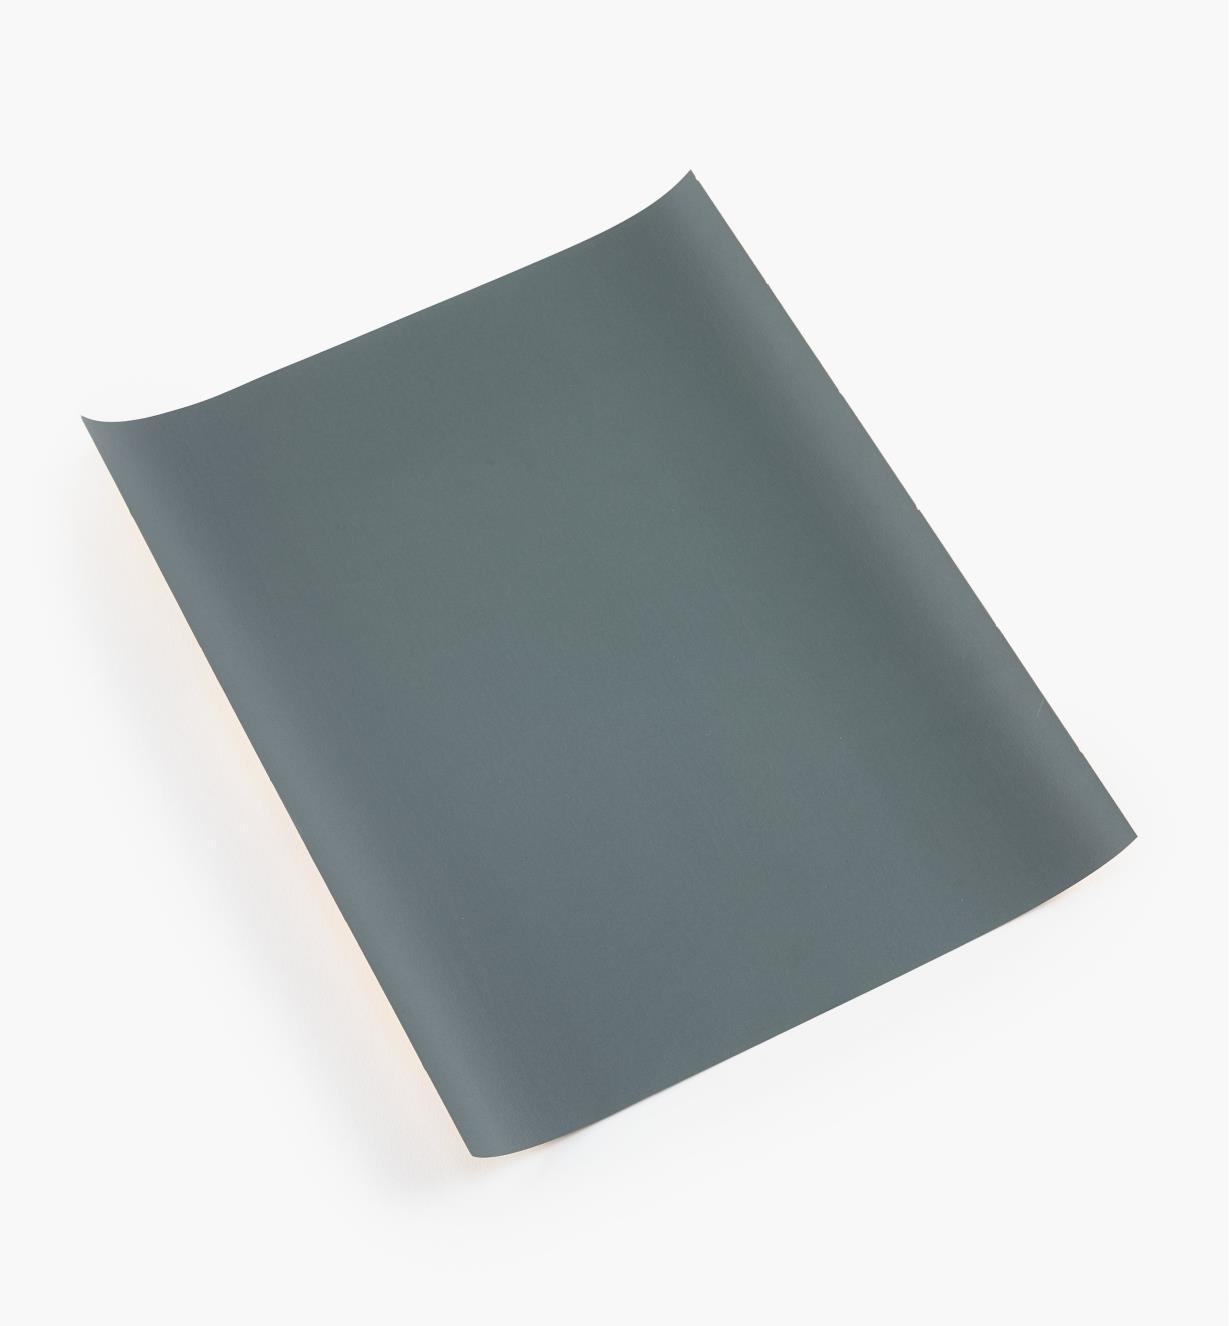 54K8105 - 3M Wet/Dry Sandpaper, 1200A (6.5µ)